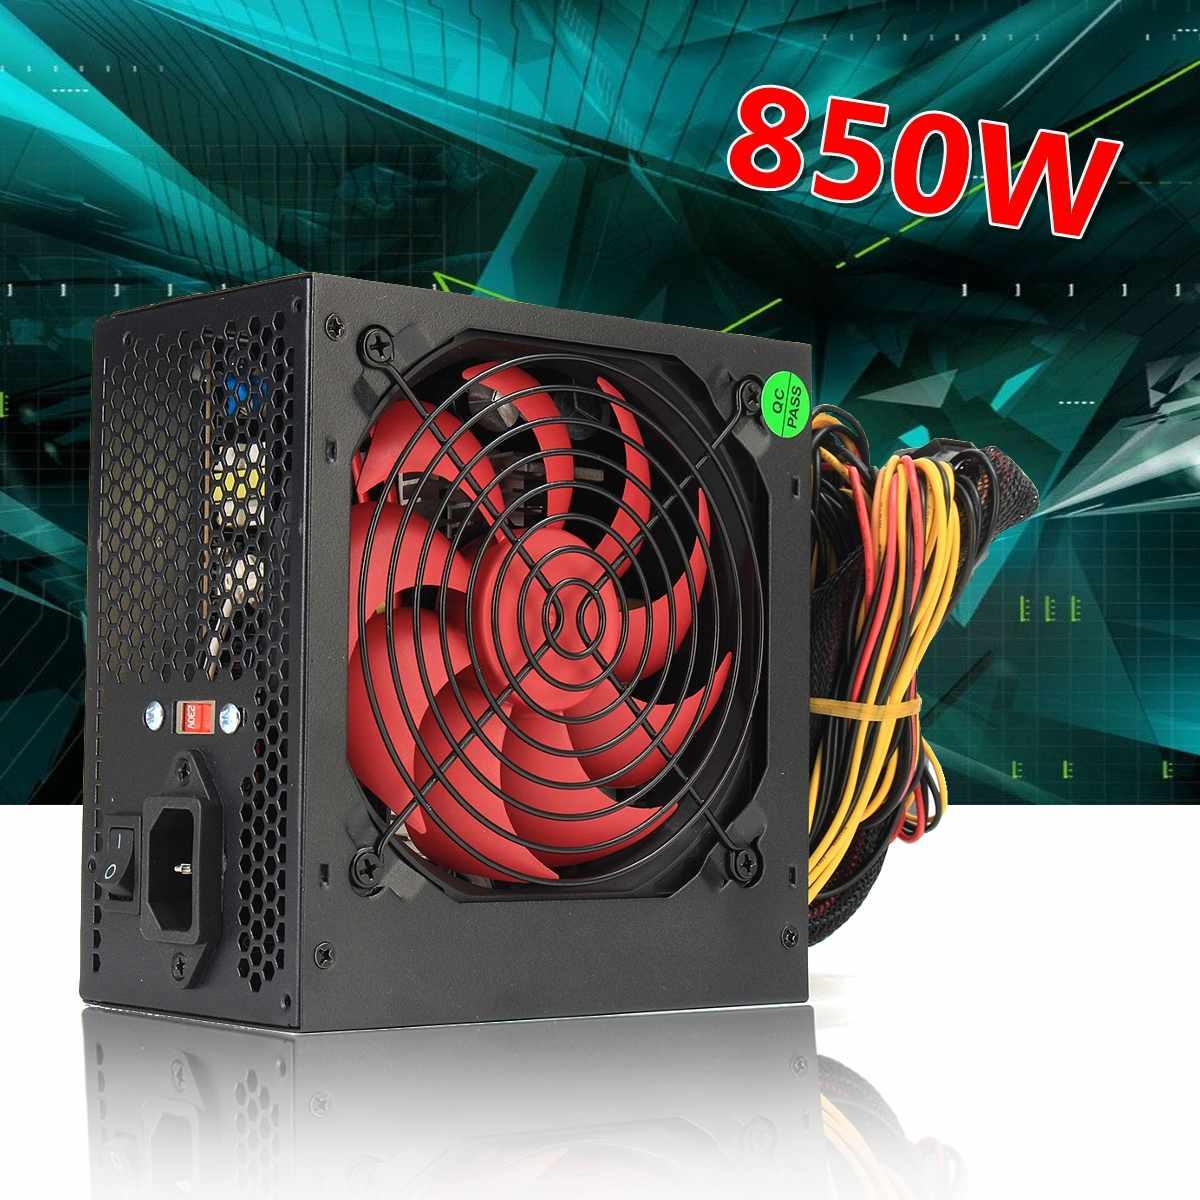 US/AU/EU prise 850 W 850 Watt BTC alimentation 120mm ventilateur 24 broches PCI SATA ATX 12V Molex connecter mineur ordinateur alimentation